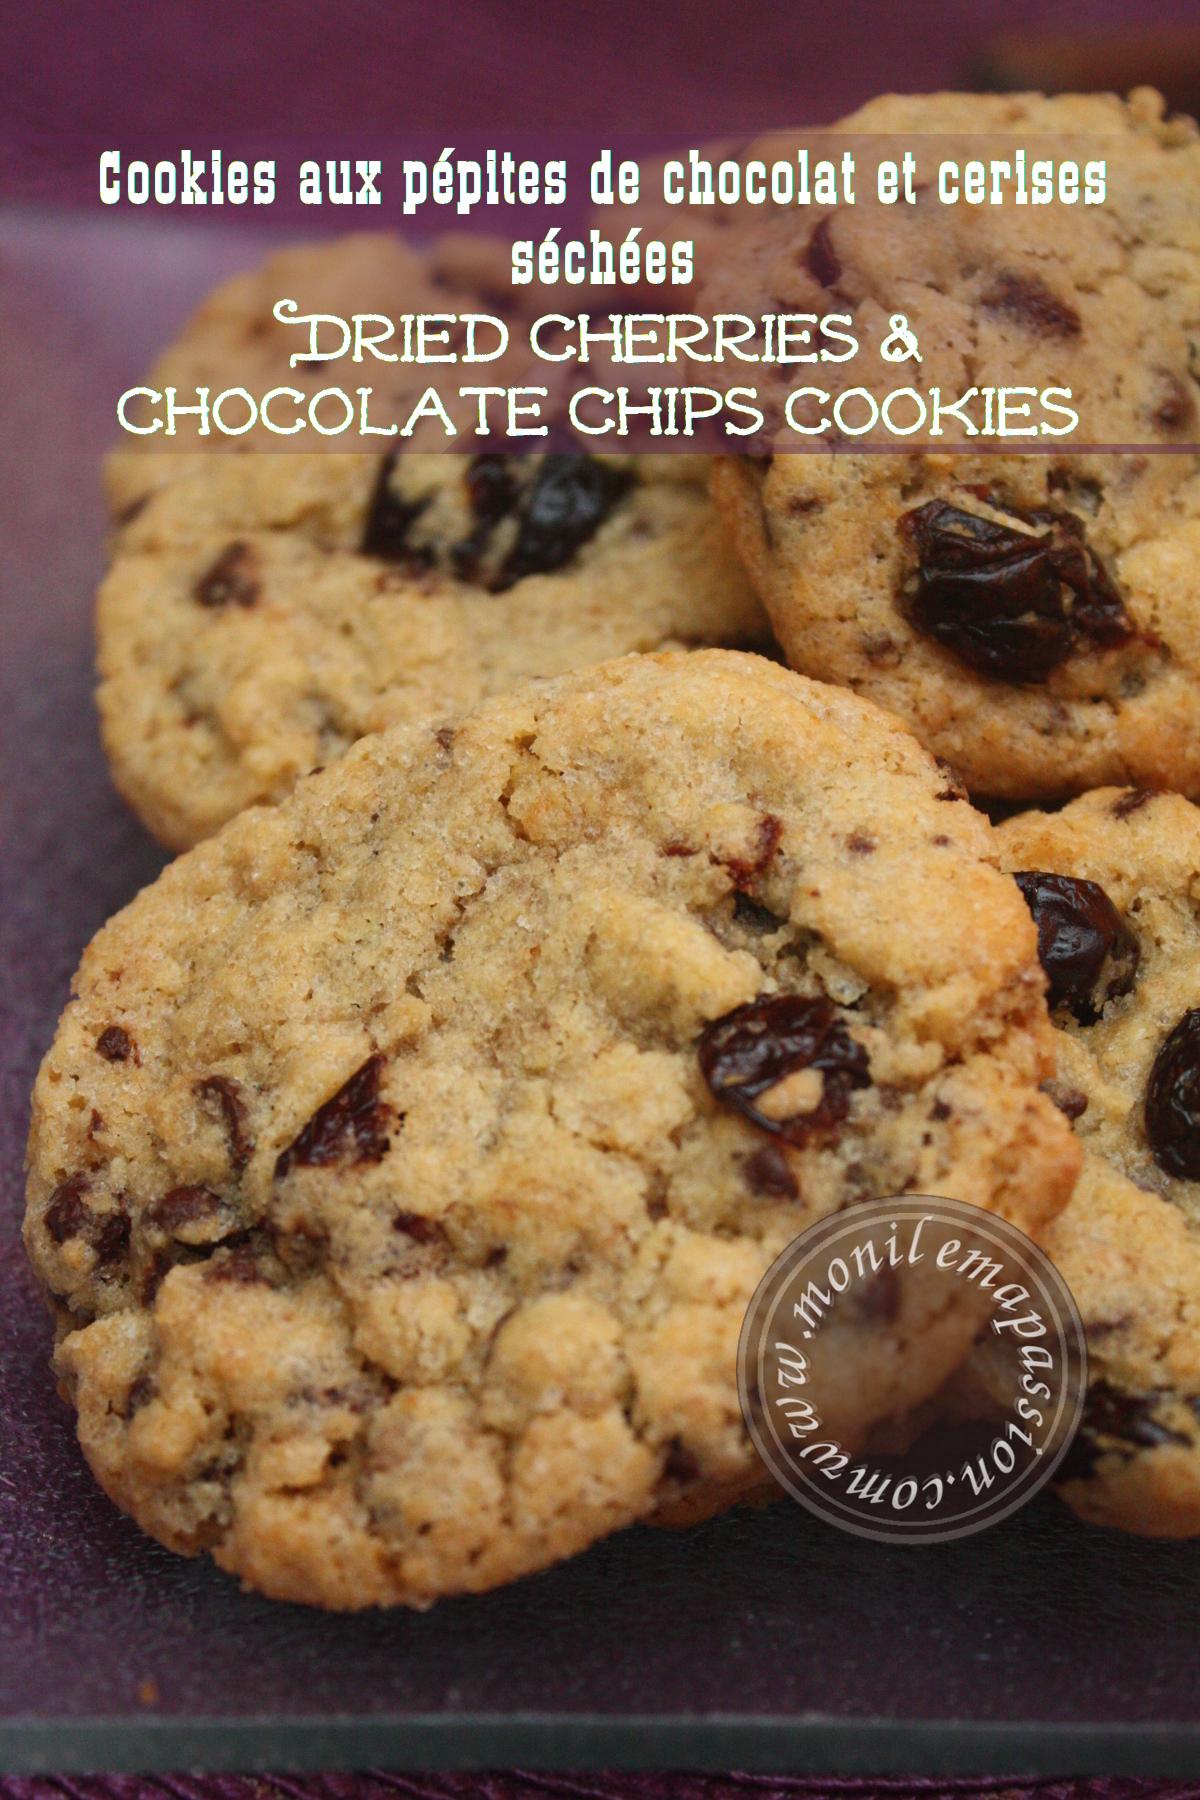 Cookies aux pépites de chocolat et cerises séchées - Dried cherries & Chocolate chips cookies